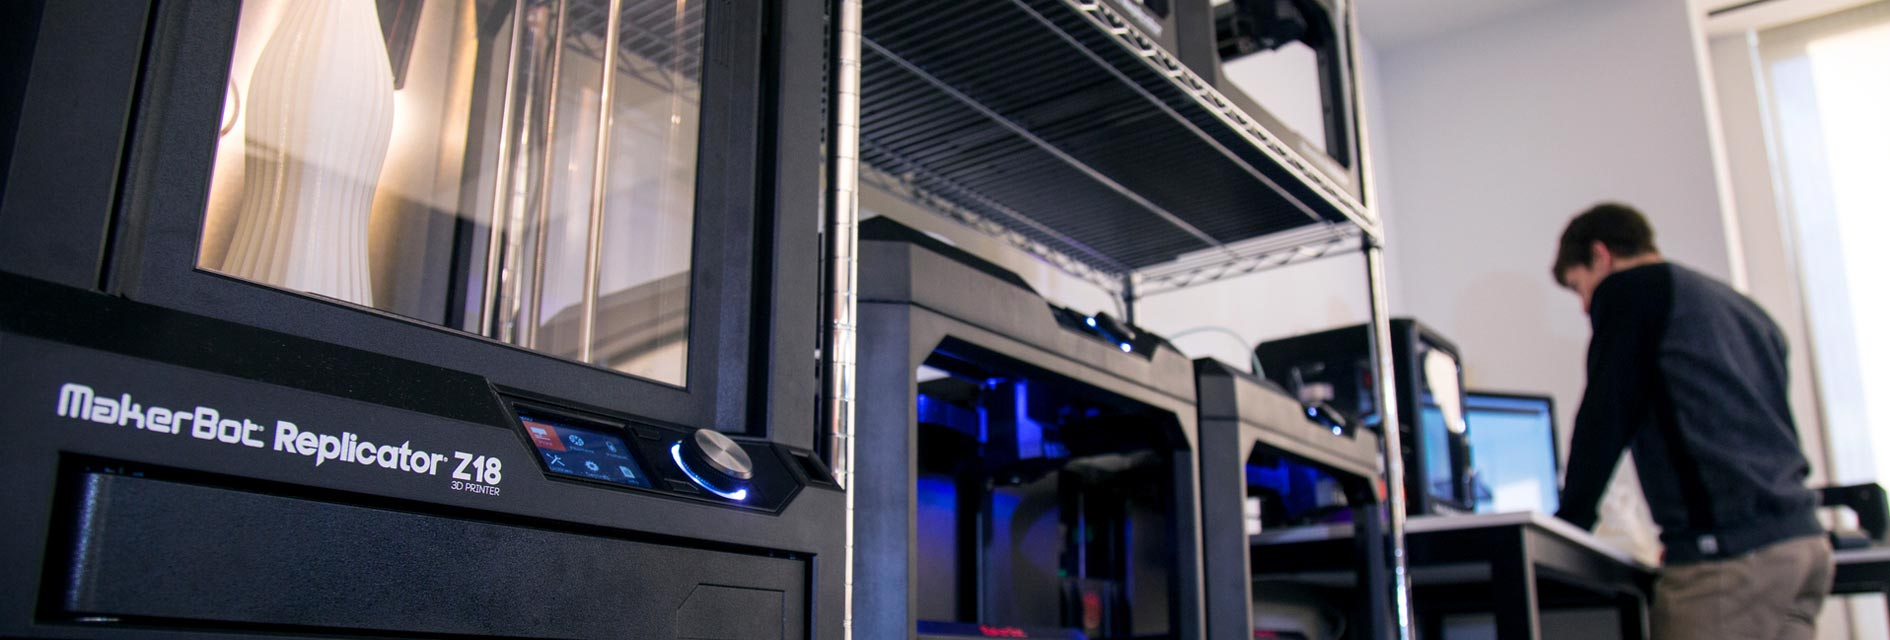 3D Drucker und MakerBot und Formlabs Schweiz Reseller, Support und Bildungs Webseite. 3D Drucker Lösungen / Schulungen aus Zürich für Schule, Bildungsinstitutionen, Unternehmen und Private.